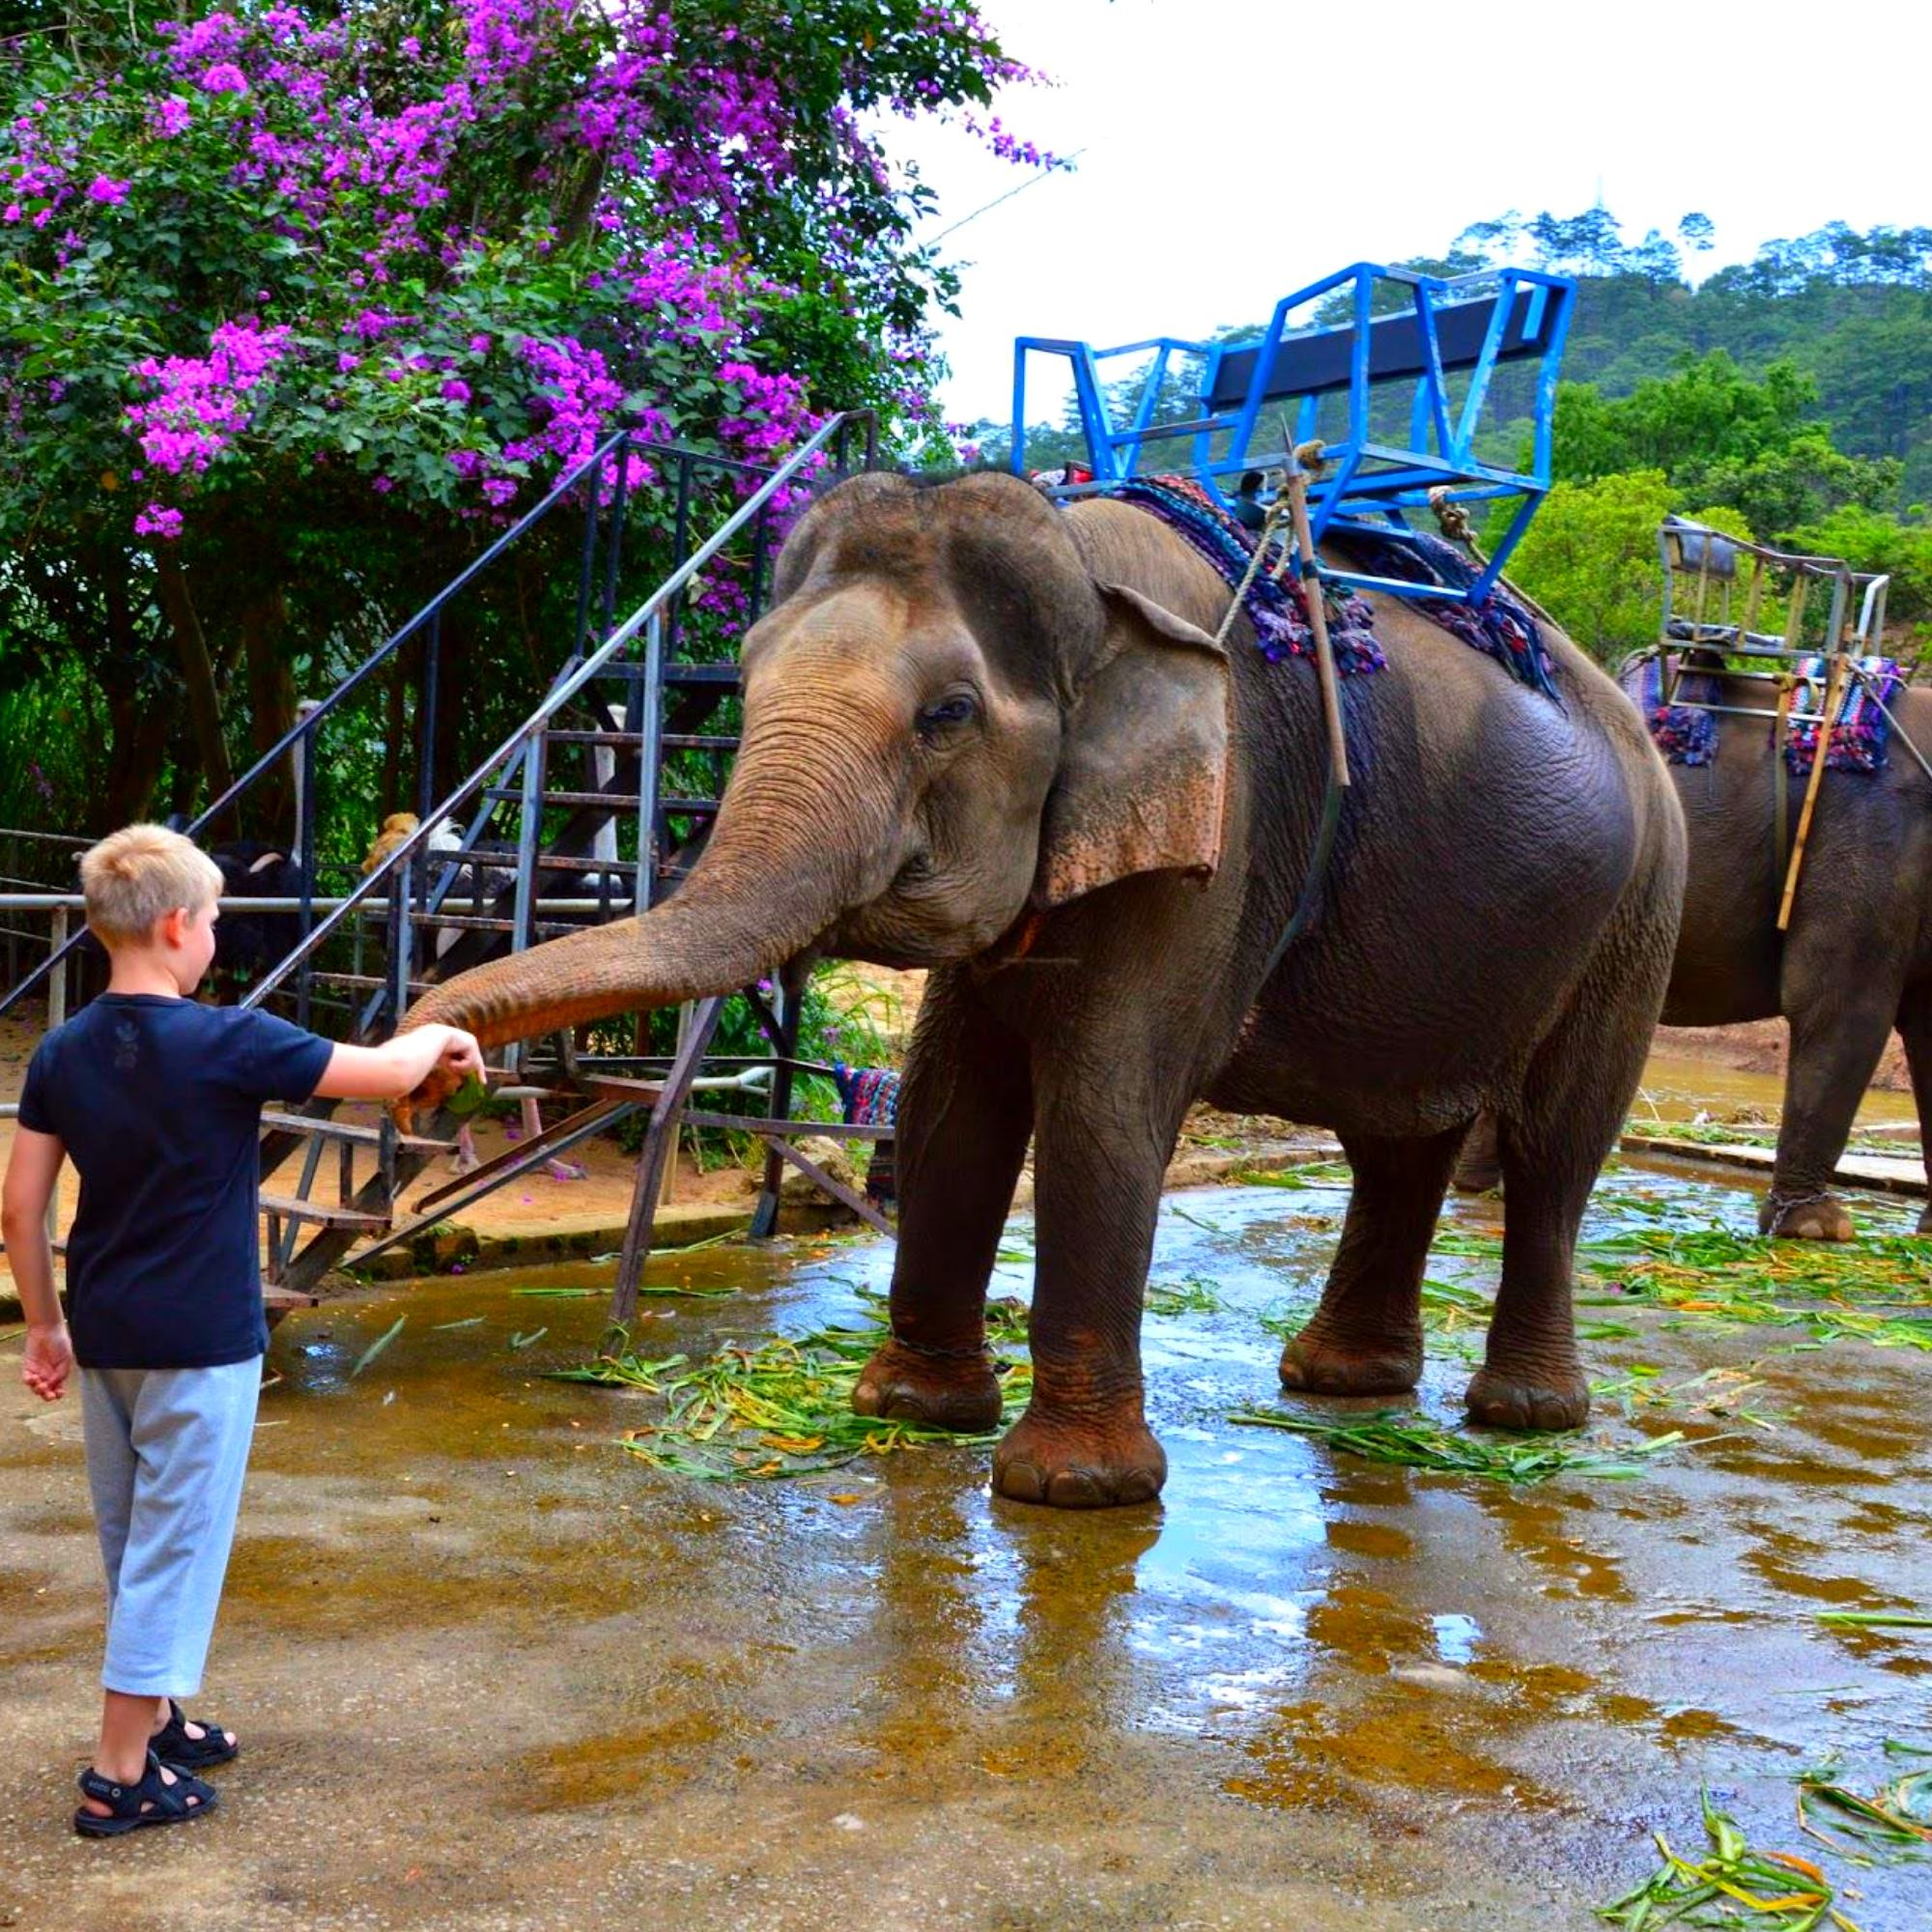 Экскурсия к слонам из Муйне. Приглашаем вас в Далат - город любви и цветов